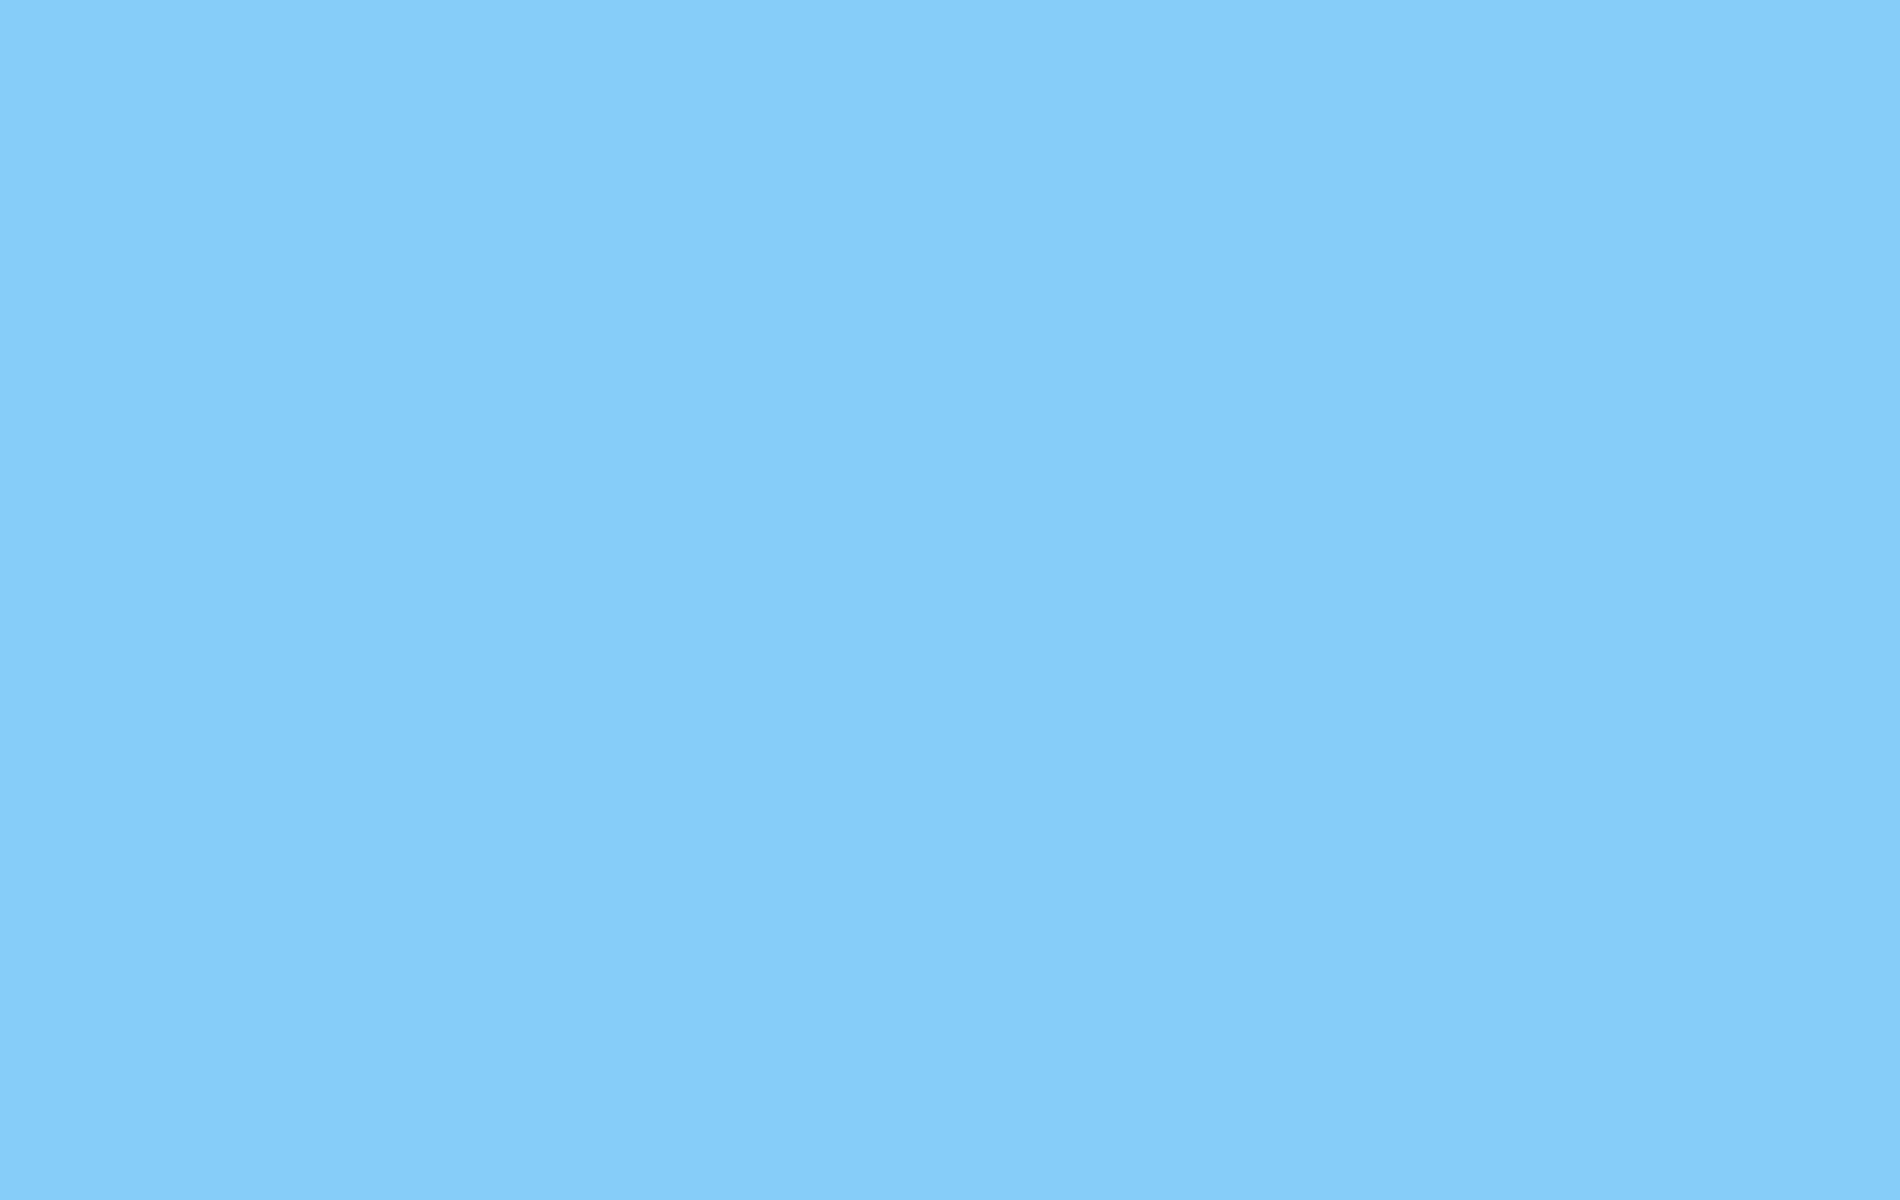 这种淡蓝的背景大图图片